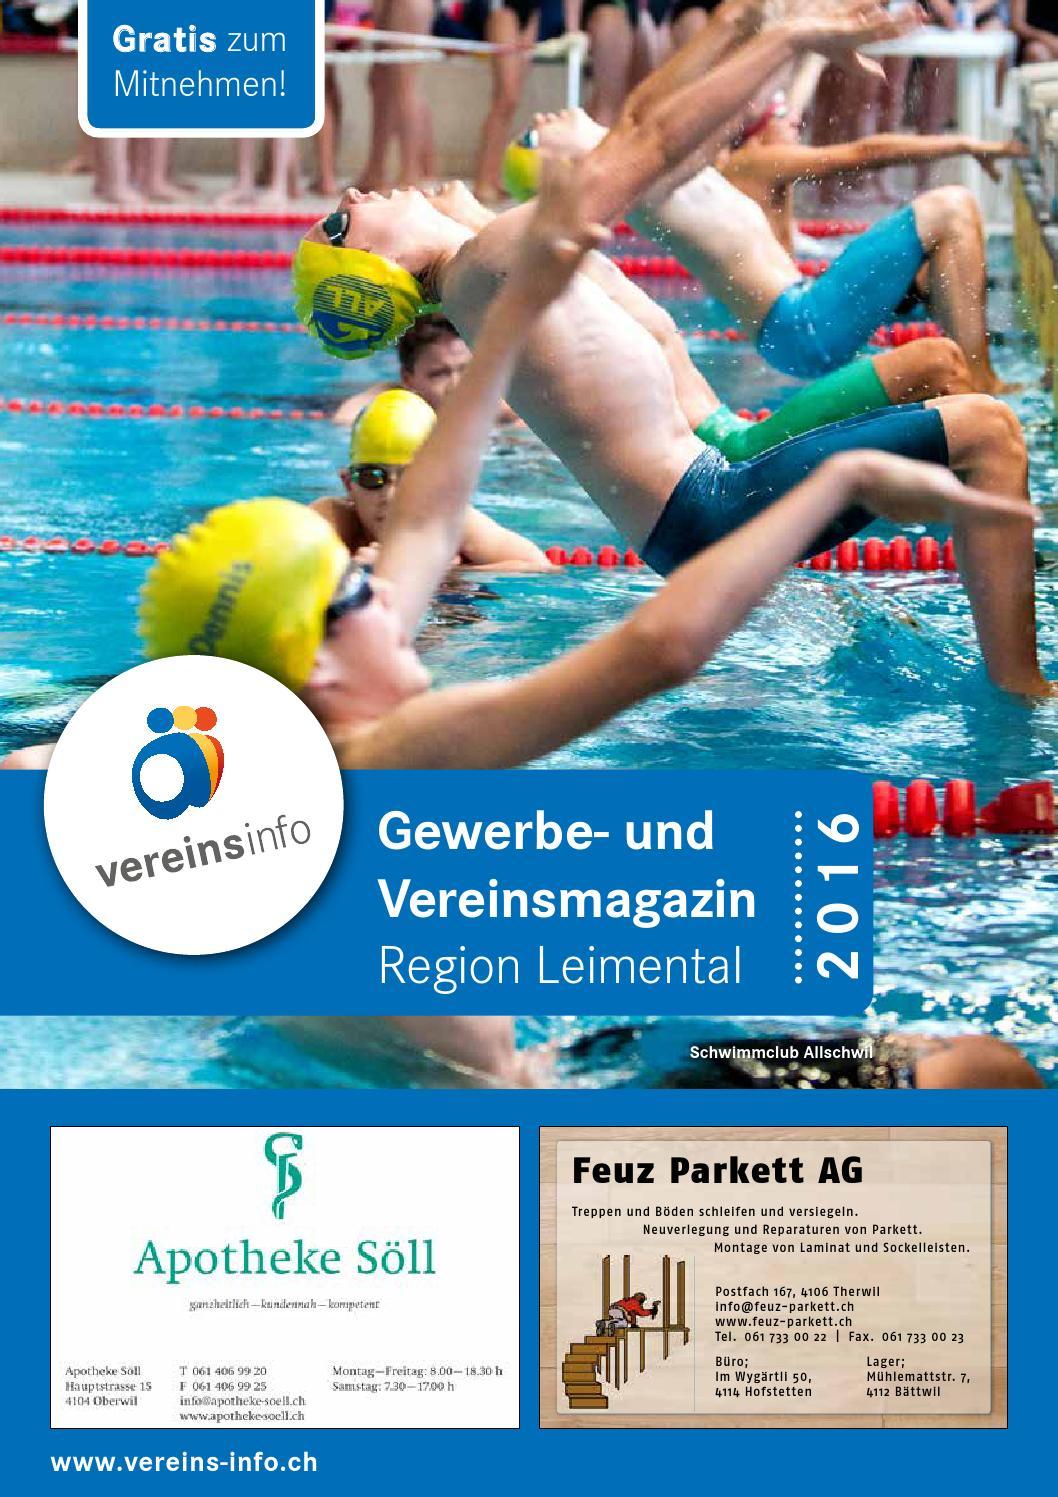 Vi leimental pdf by Miplan AG - issuu